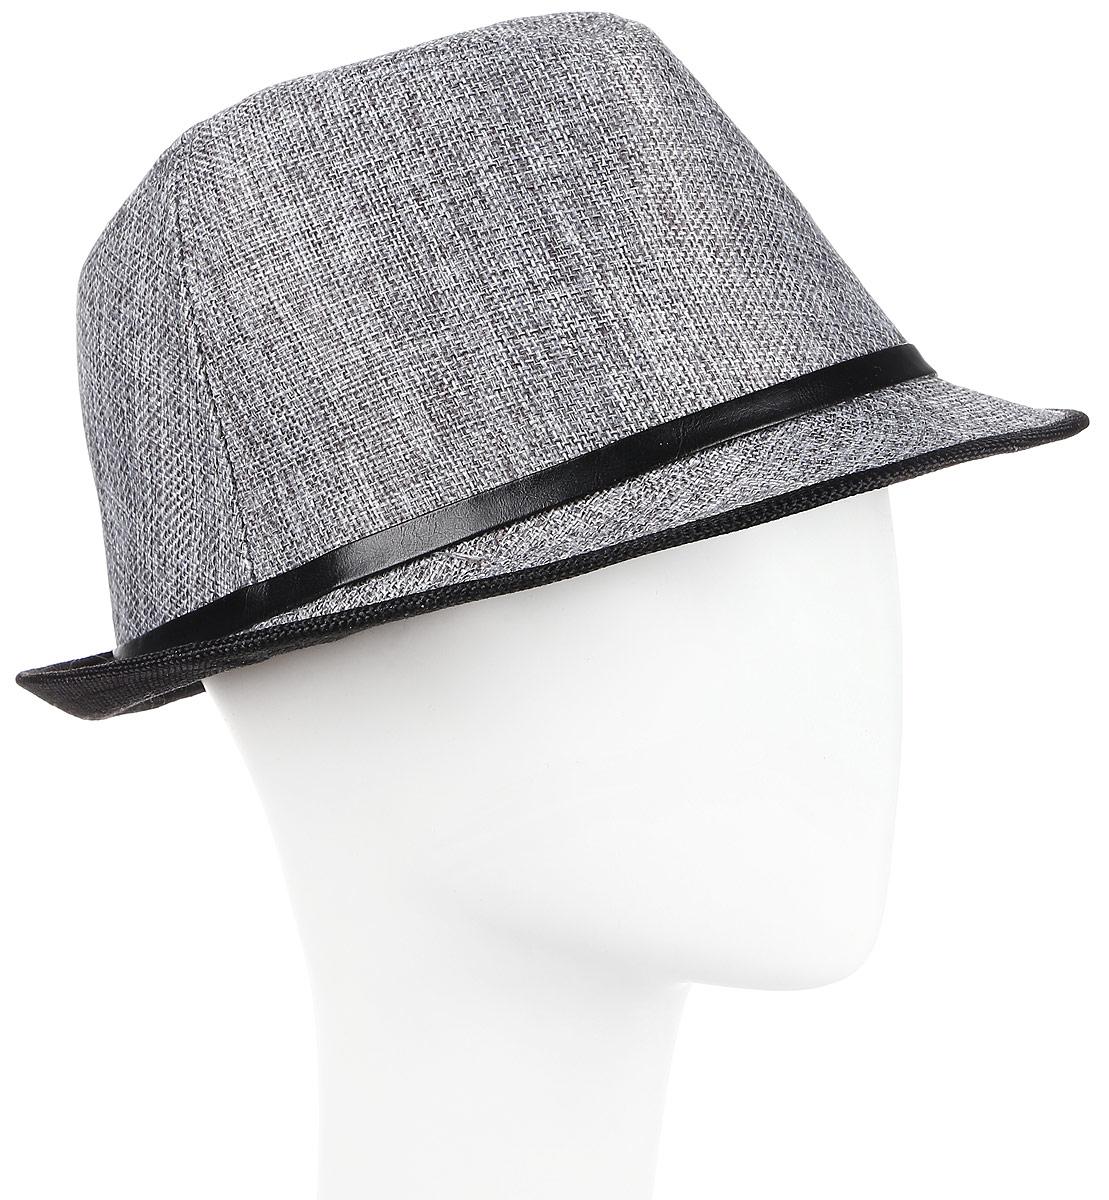 Шляпа мужская Maxval, цвет: серый. HtY131013. Размер 57HtY131013Модная шляпа Maxval выполнена из качественной бумажной соломки. Шляпа с полями дополнена декоративным шнурком. Эта модель станет отличным аксессуаром и дополнит ваш повседневный образ.